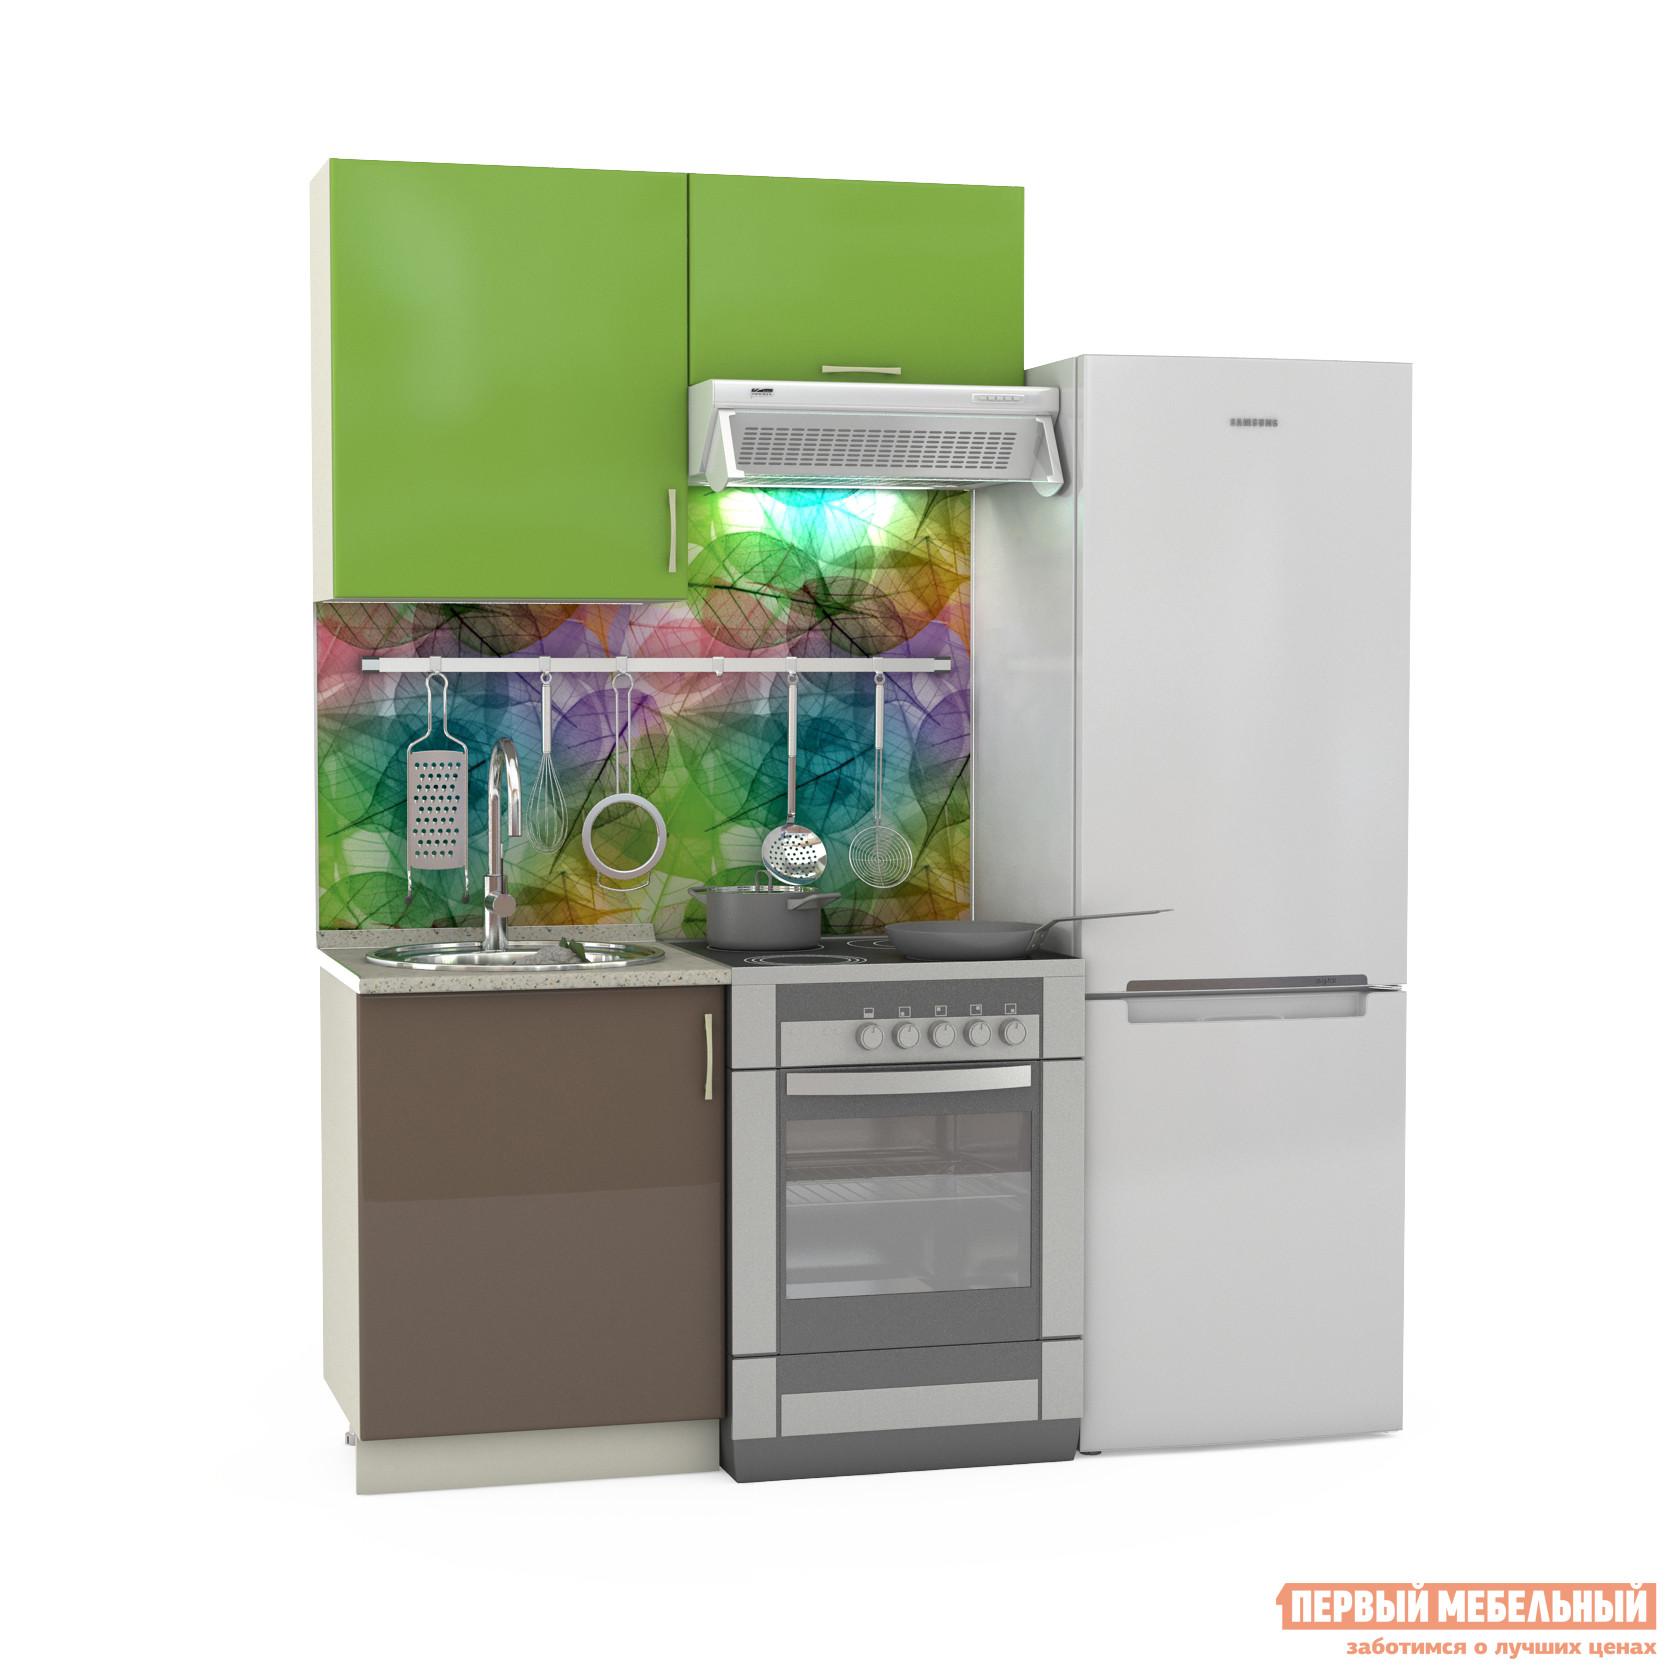 Кухонный гарнитур Бит и Байт Сандра-2 120 см кухонный гарнитур трия оливия 240 см